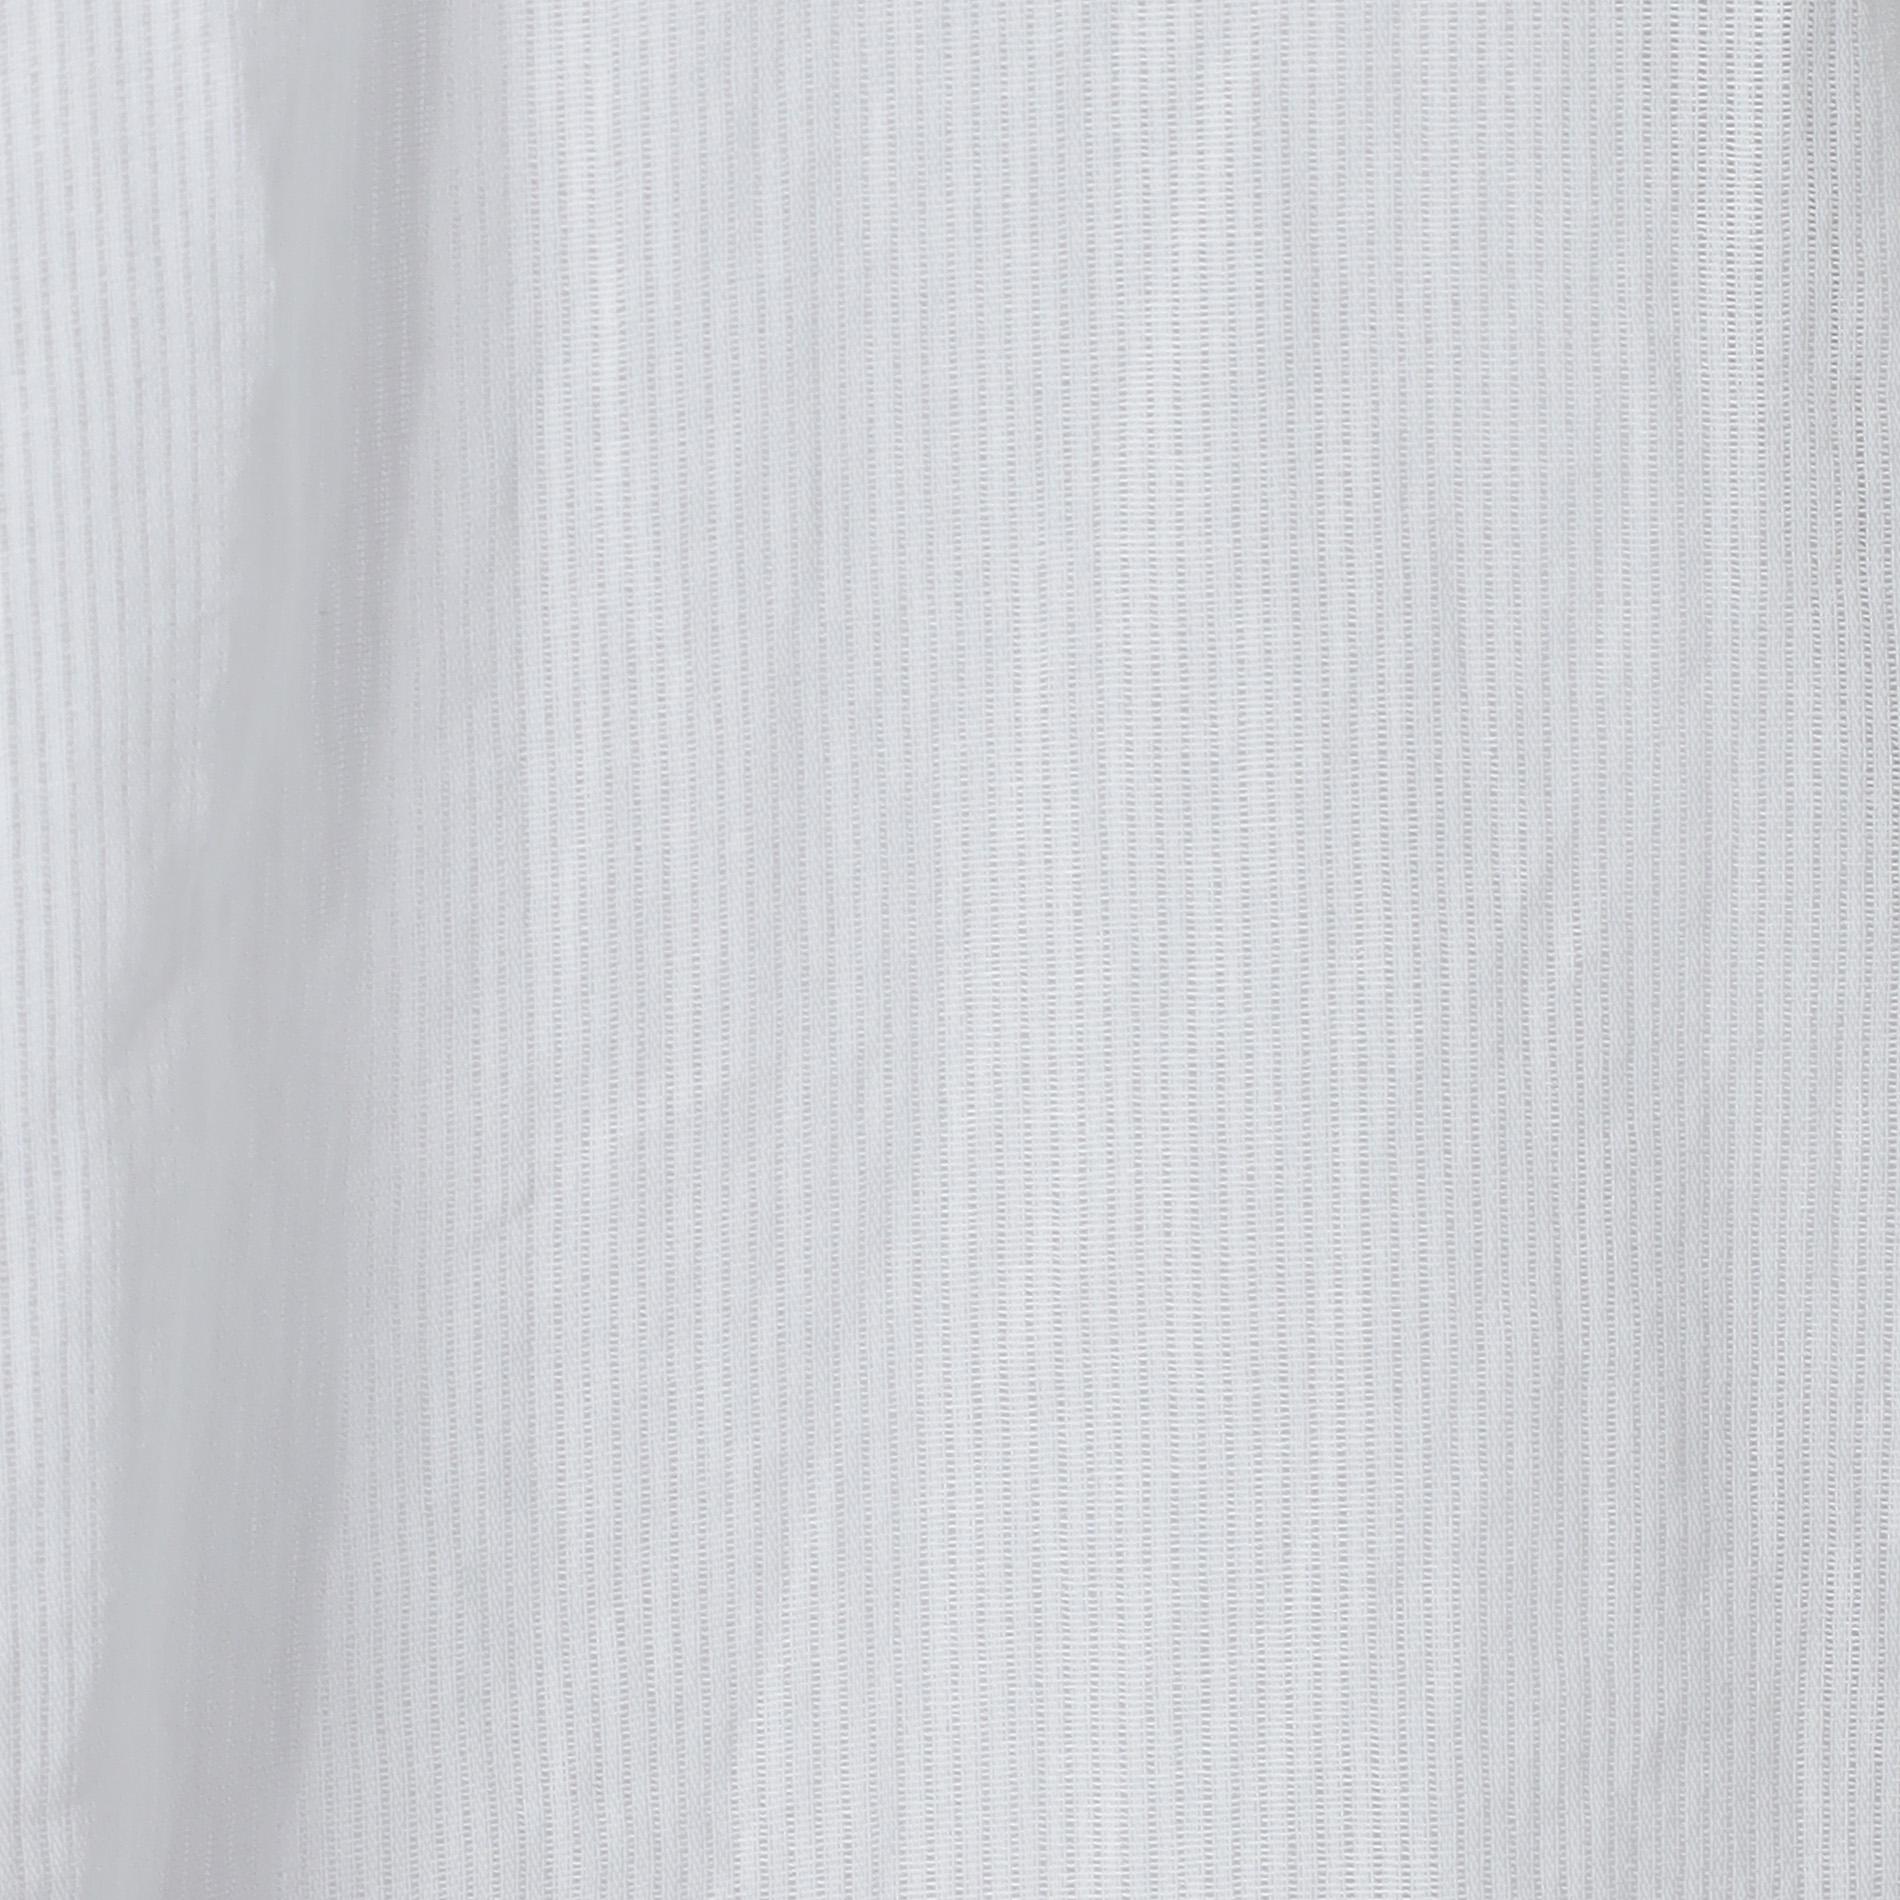 コットンボイルストライプブラウス